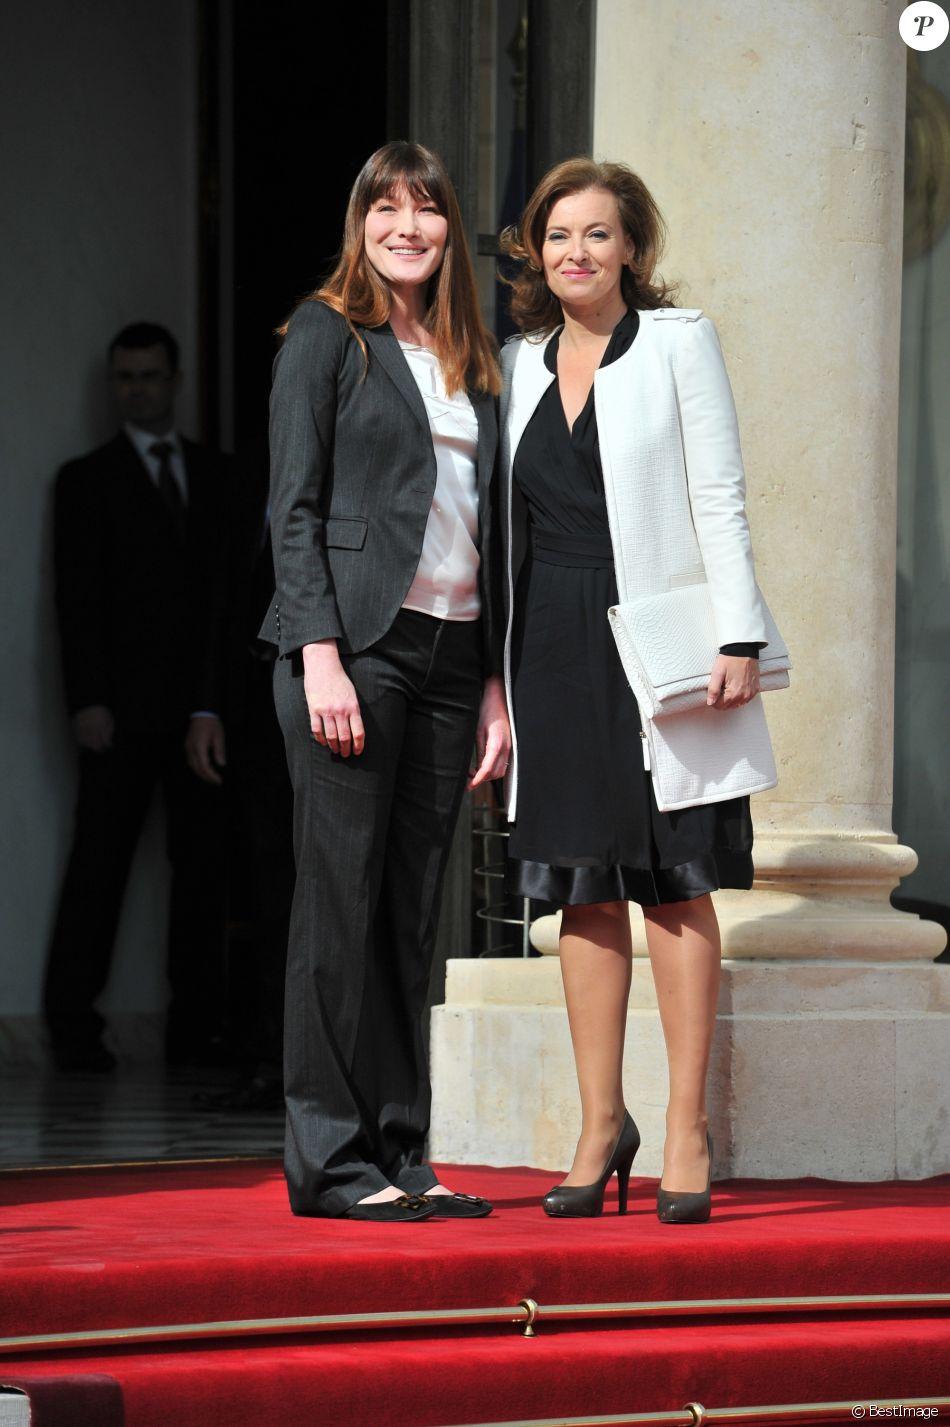 Carla Bruni et Valérie Trierweiler - Passation de pouvoir entre Nicolas Sarkozy et François Hollande sur le perron de l'Elysée, le 15 mai 2012. © Guillaume Gaffiot /Bestimage